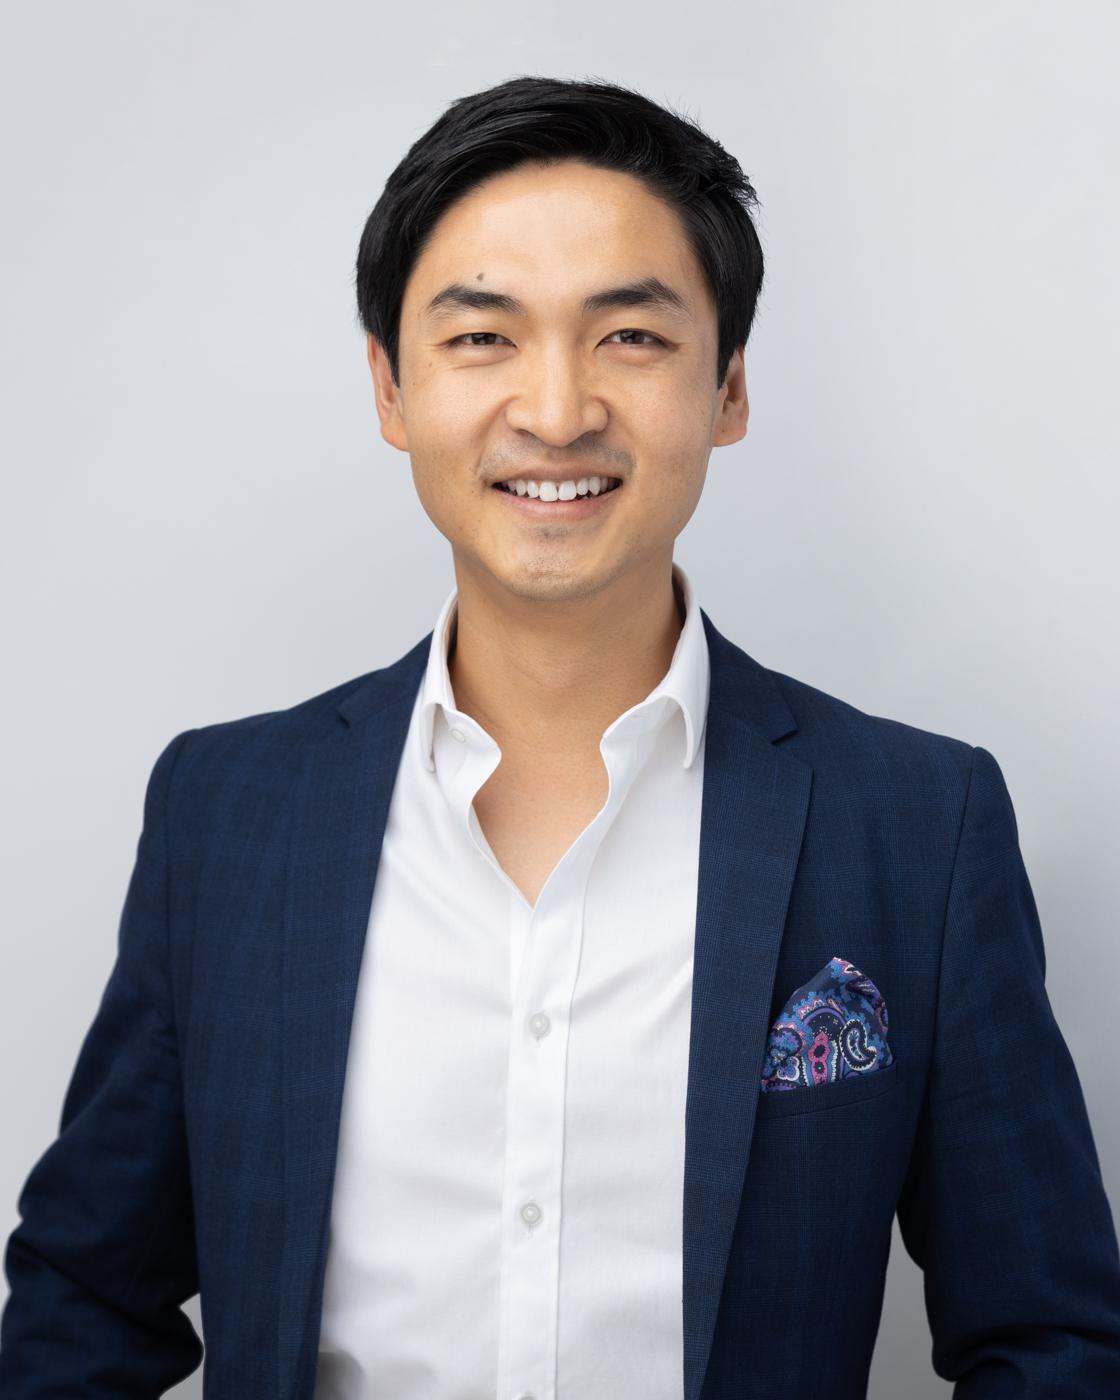 Dr. Shuo Zhao